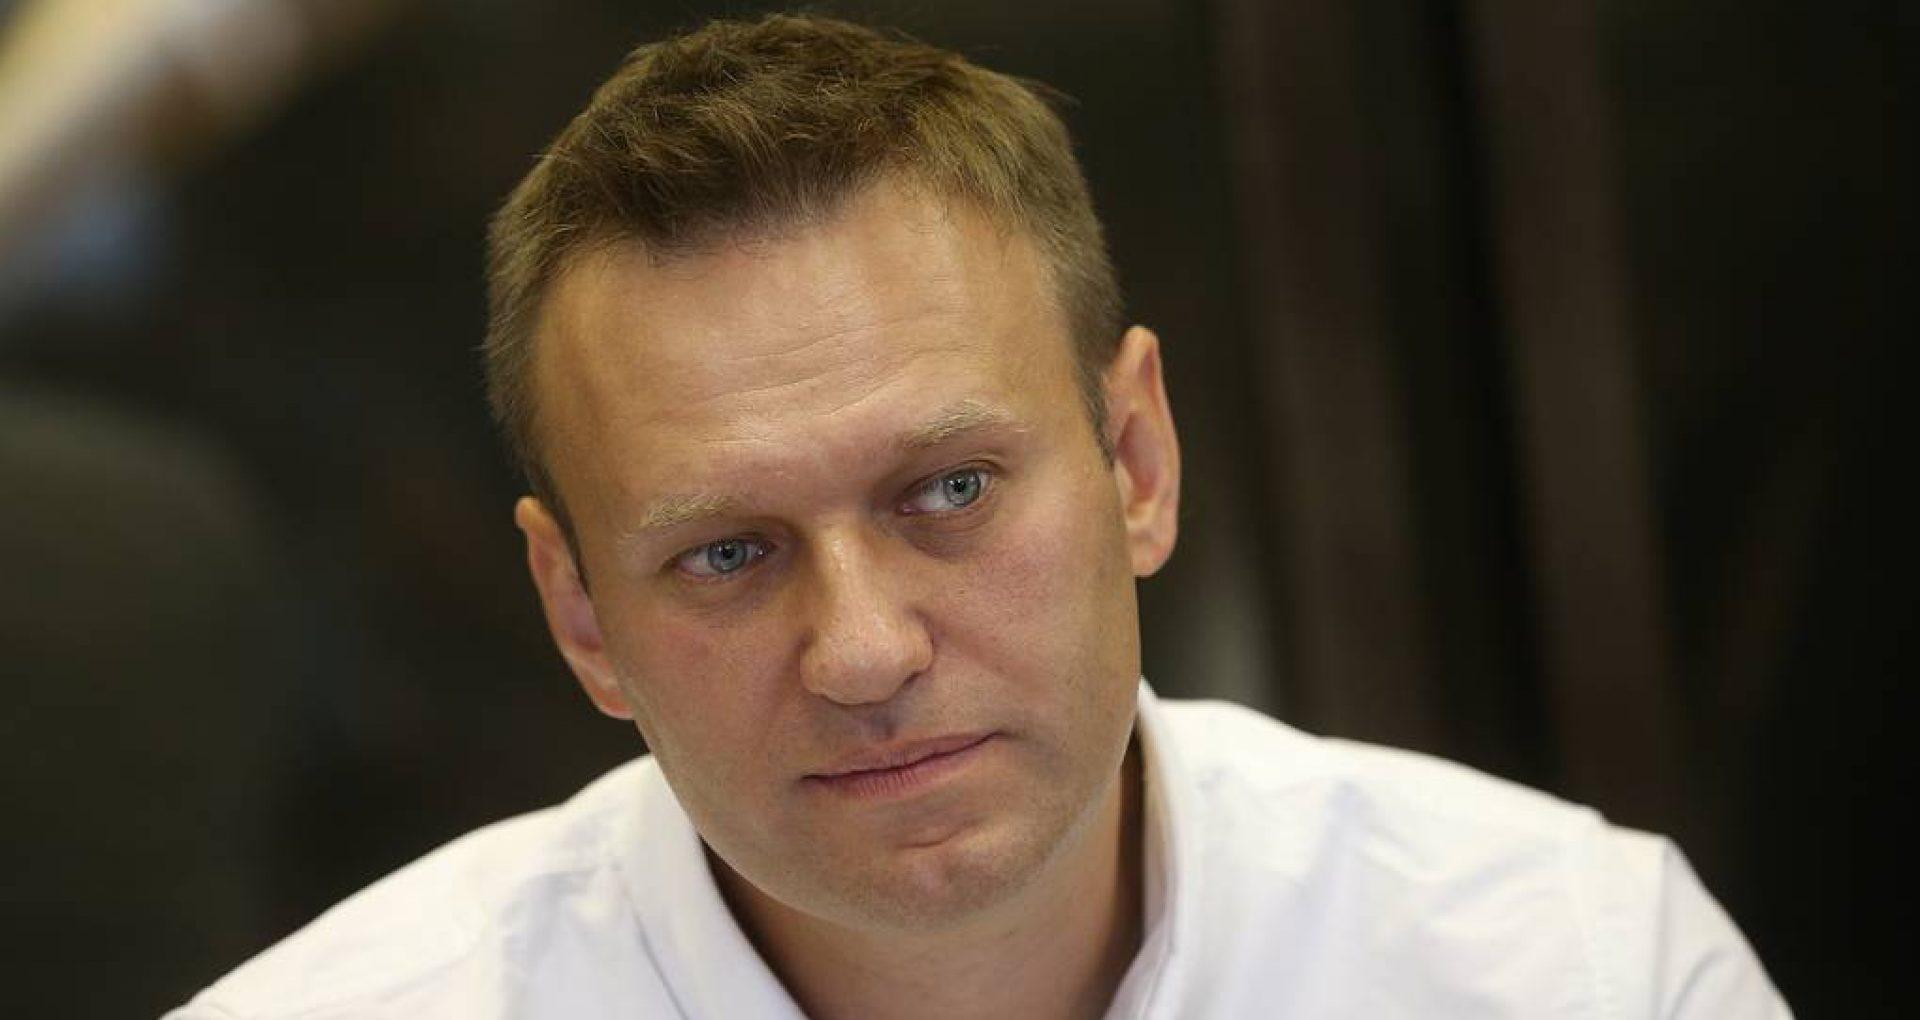 Agenția rusă Roskomnadzor a restricționat accesul la zeci de site-uri afiliate opozantului rus, Alexei Navalny